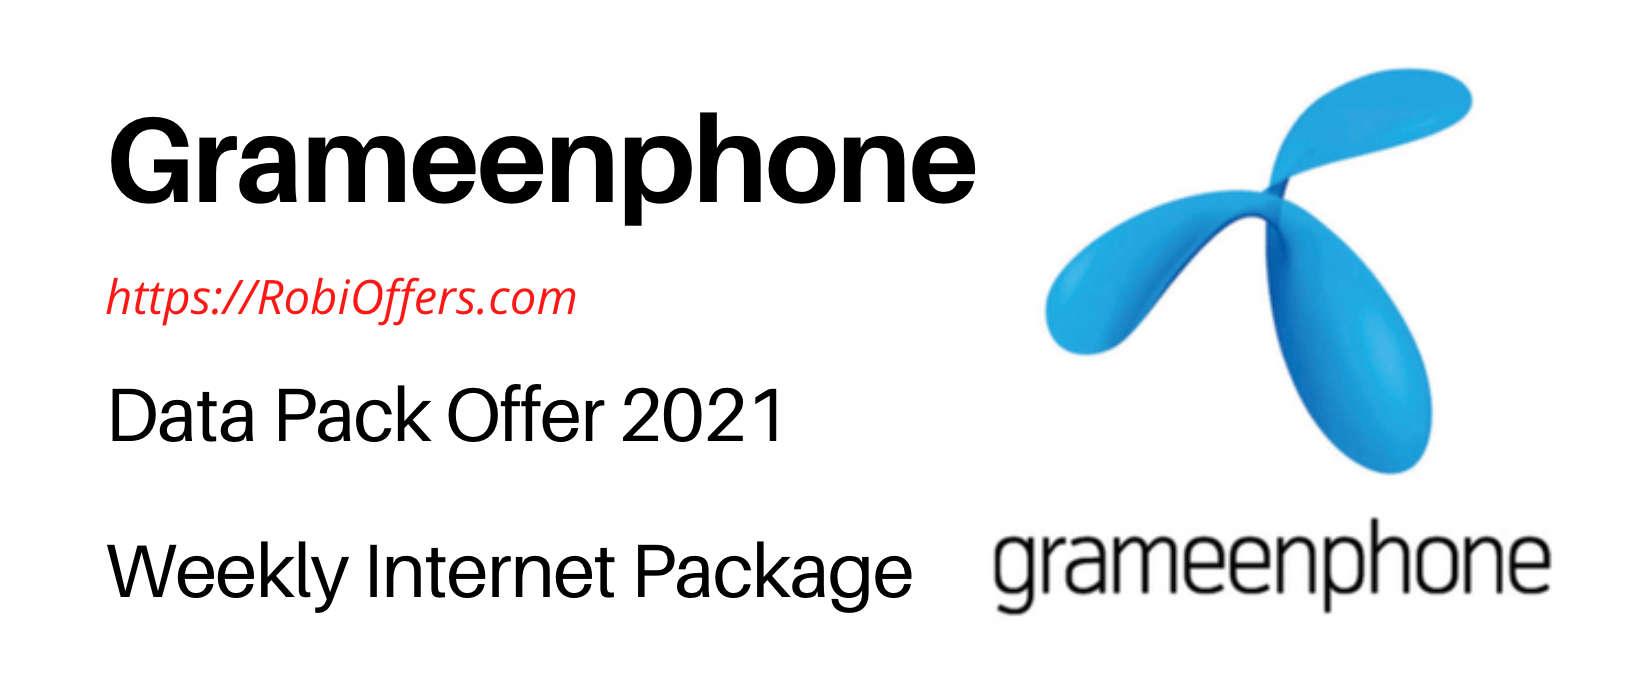 GP Data Pack Offer 2021 List GP Weekly Internet Package